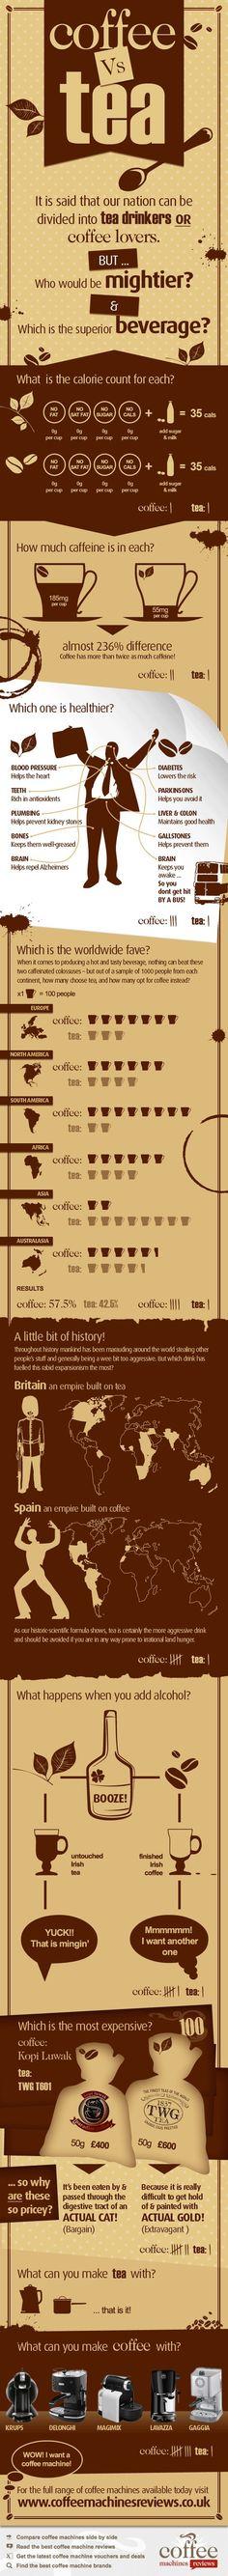 The o caffè: l'infografica sulle qualità e la diffusione mondiale delle due bevande